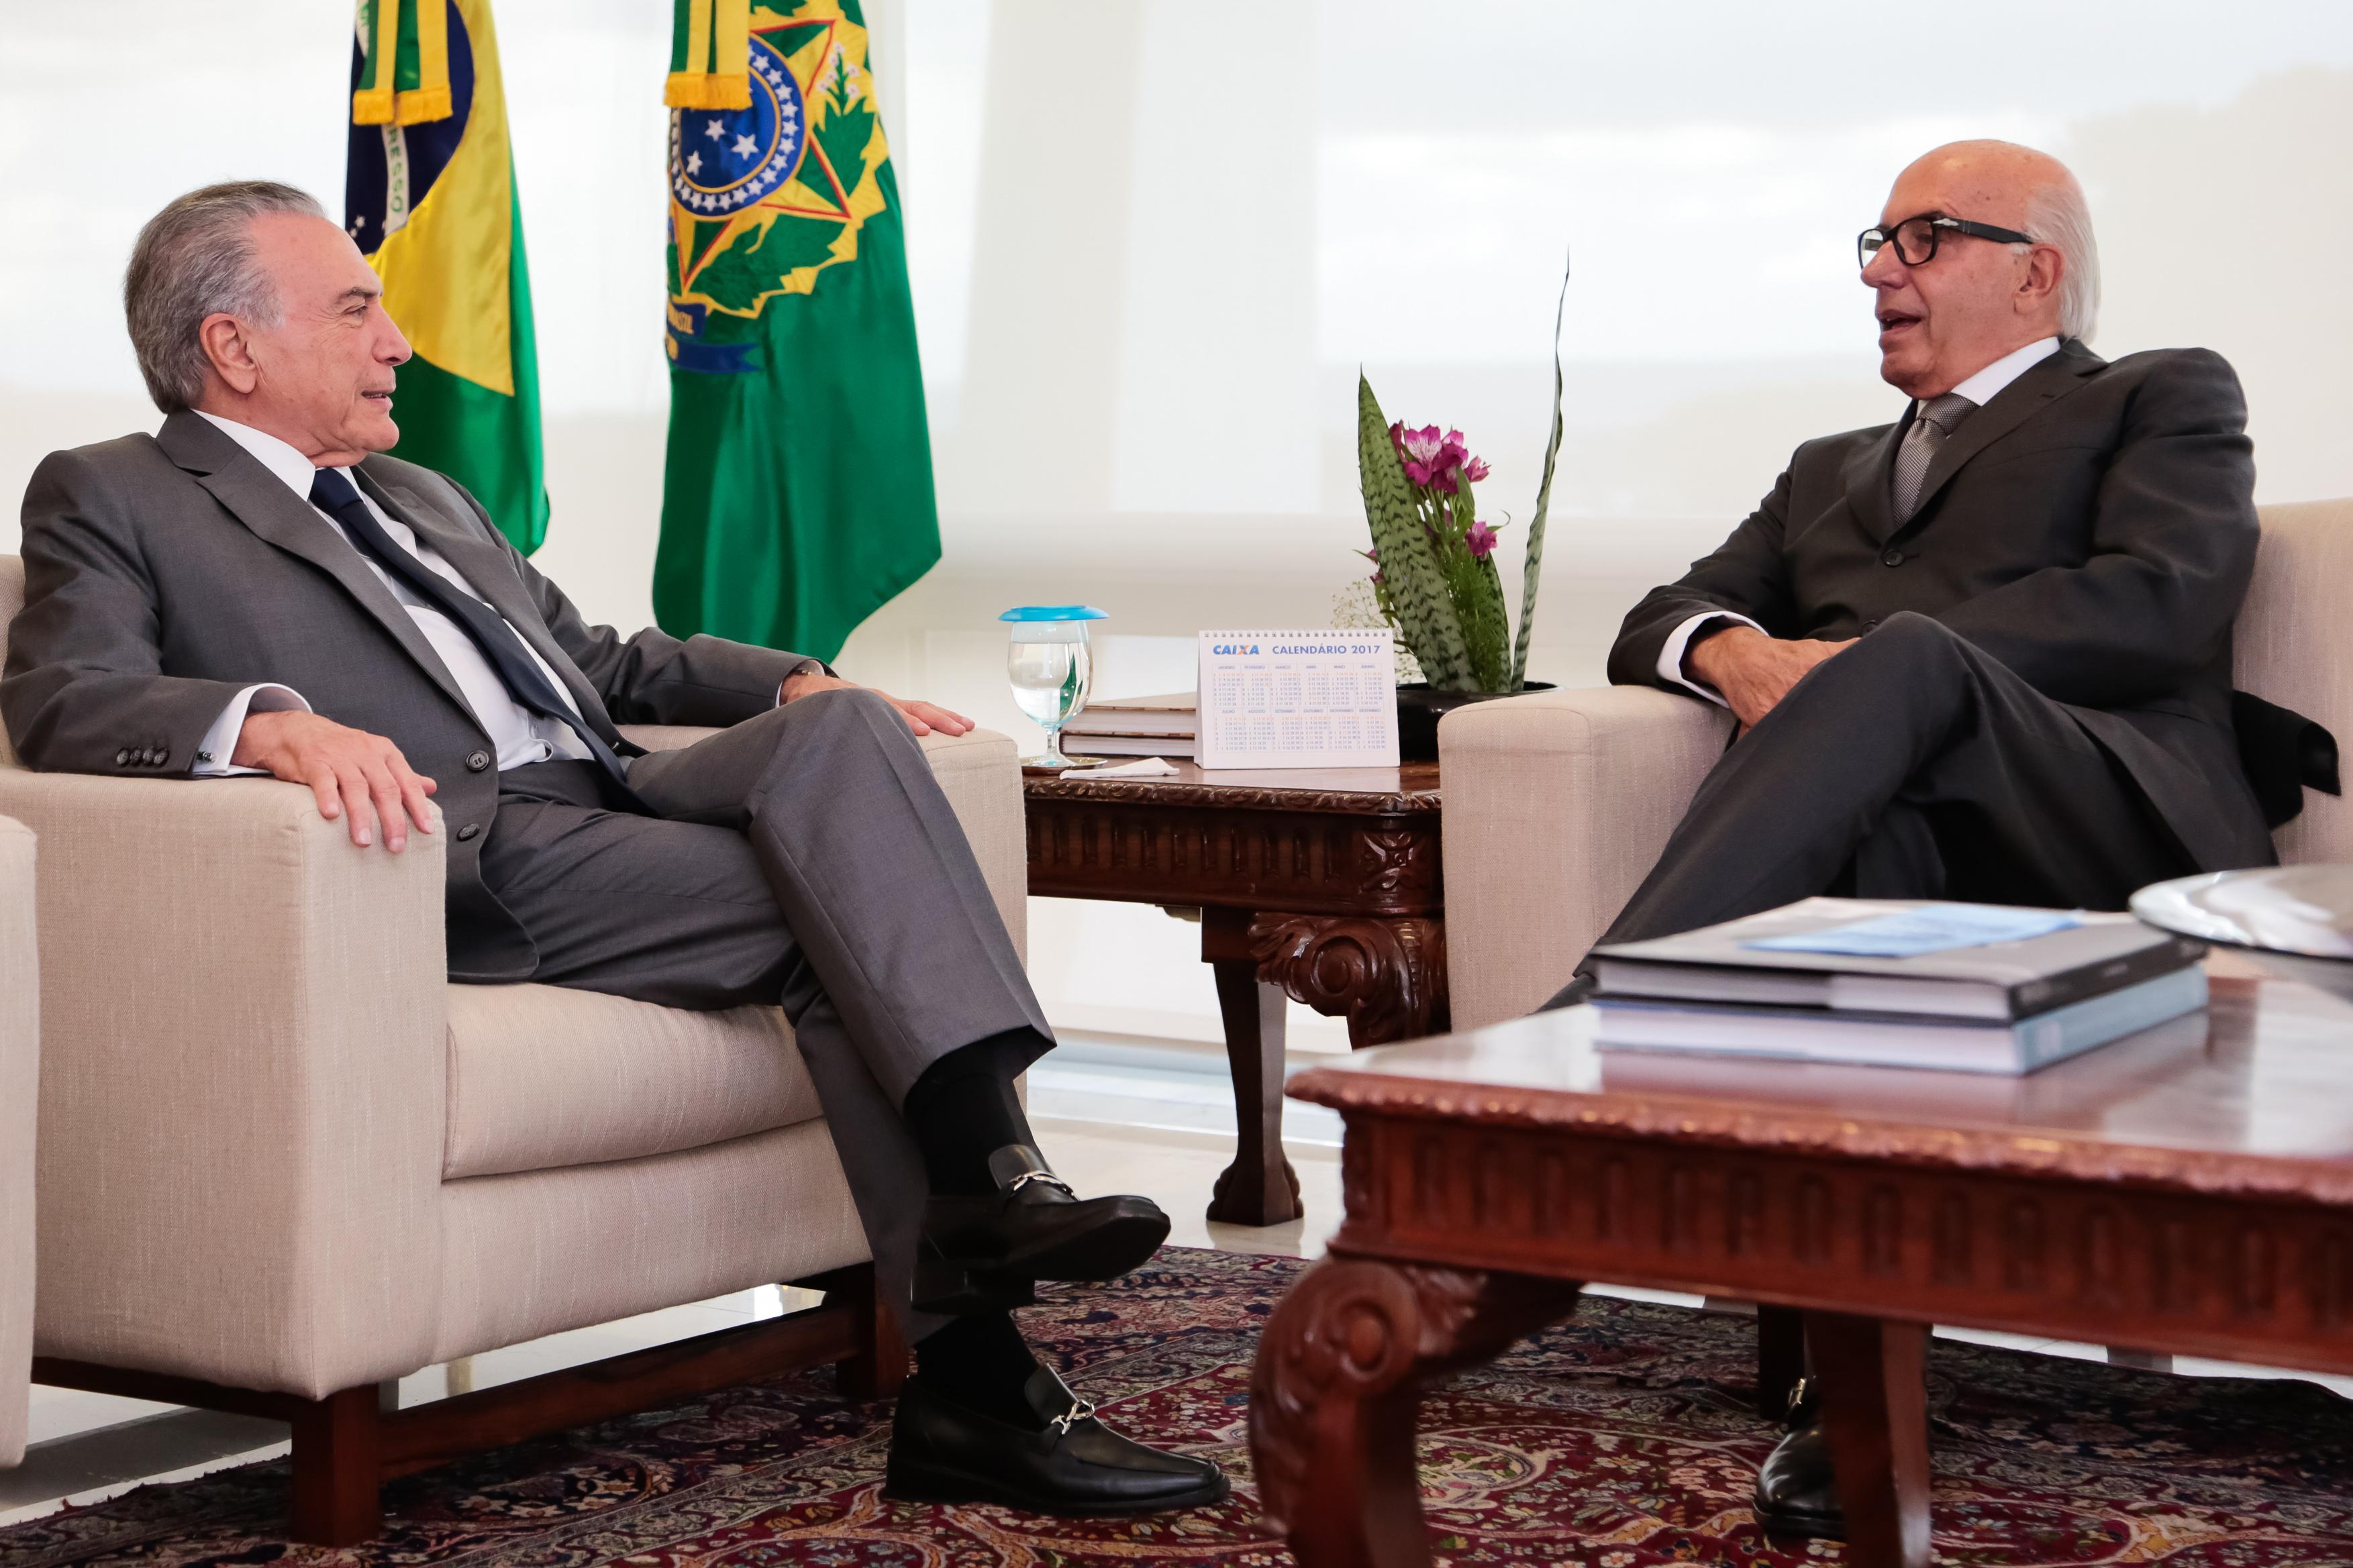 Luiz Ildefonso Simões Lopes | Brookfield Brasil | Luiz Ildefonso Simões Lopes, CEO da Brookfield Brasil, encontrou-se com o atual Presidente da República Michel Temer